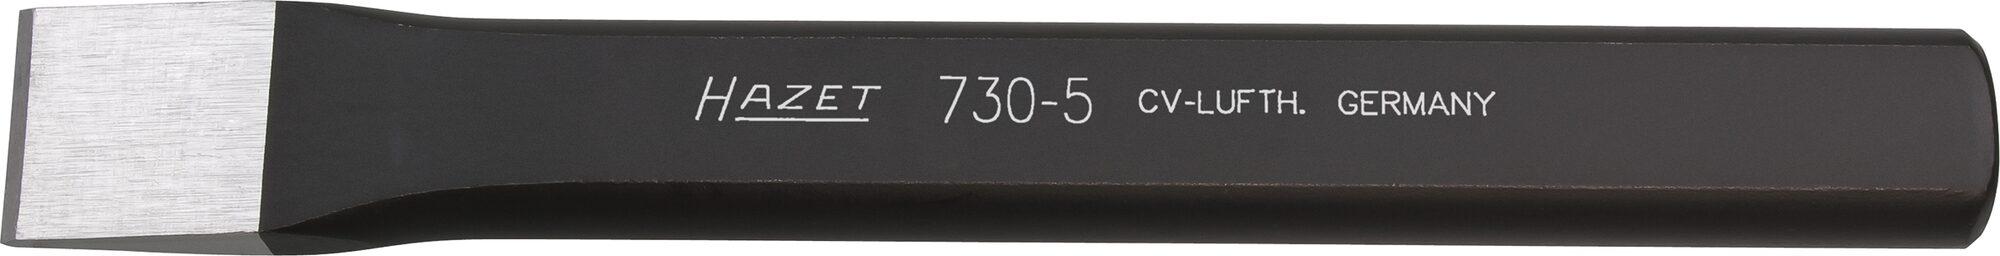 HAZET Flachmeißel 730-8 ∙ 26 mm